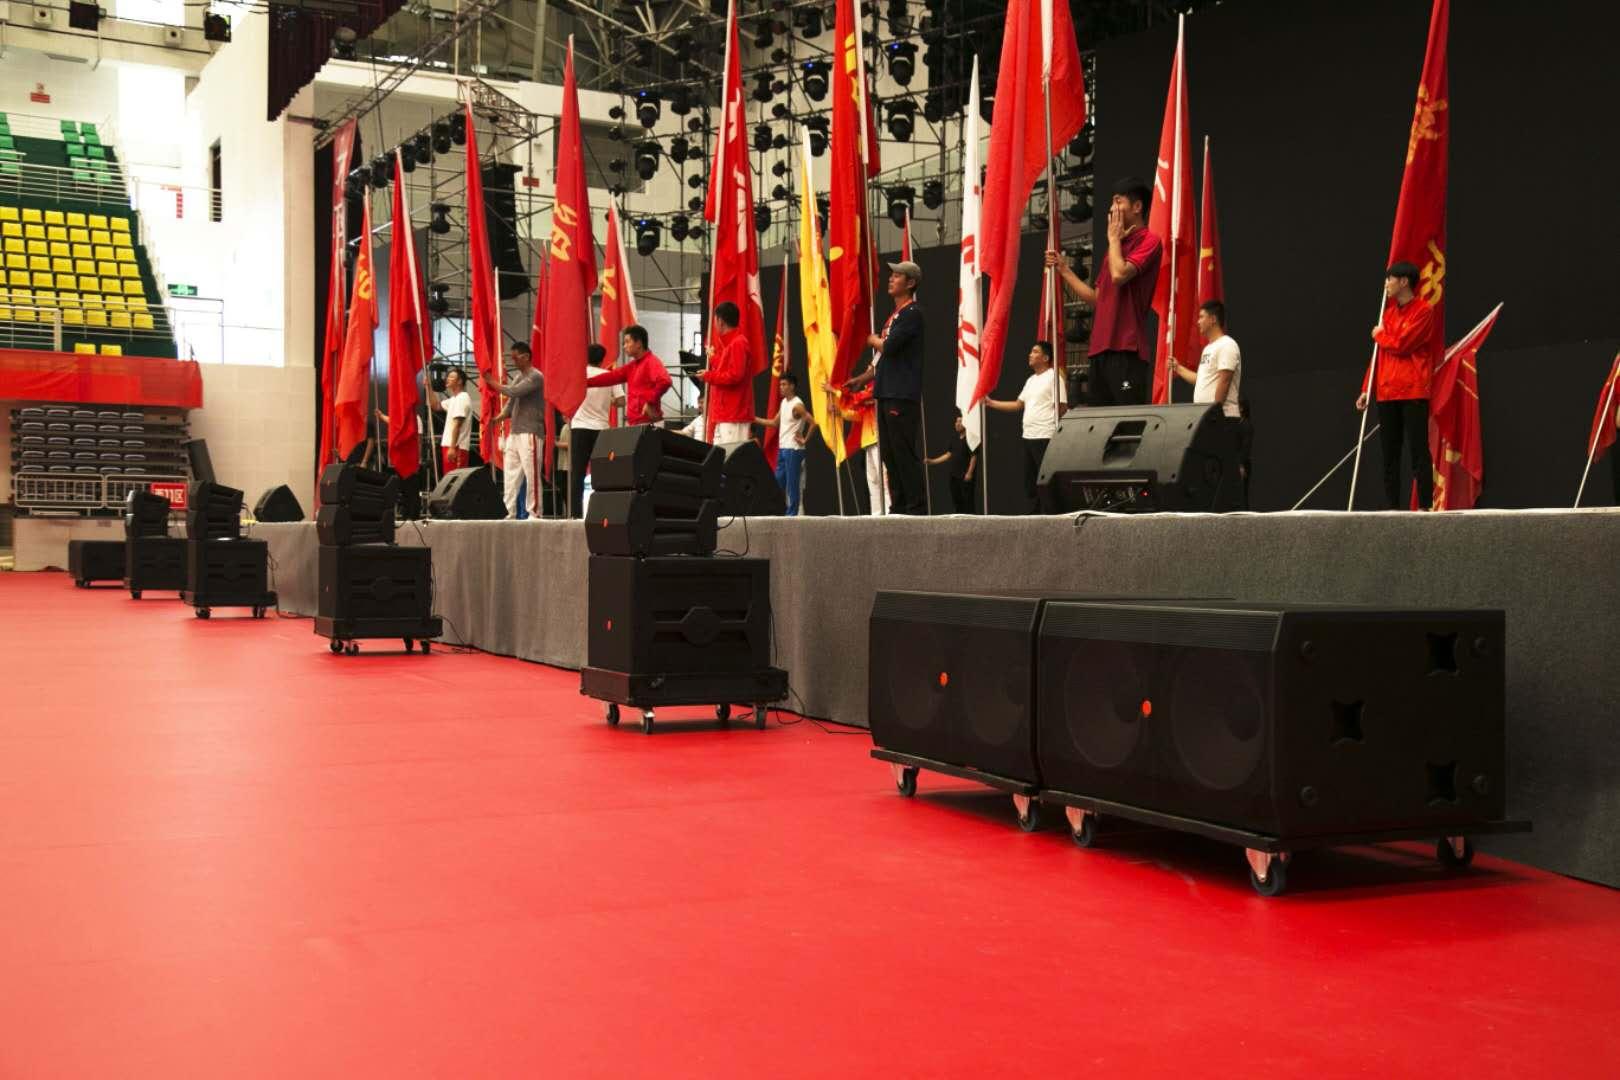 浅析舞台音响在舞台艺术中的作用